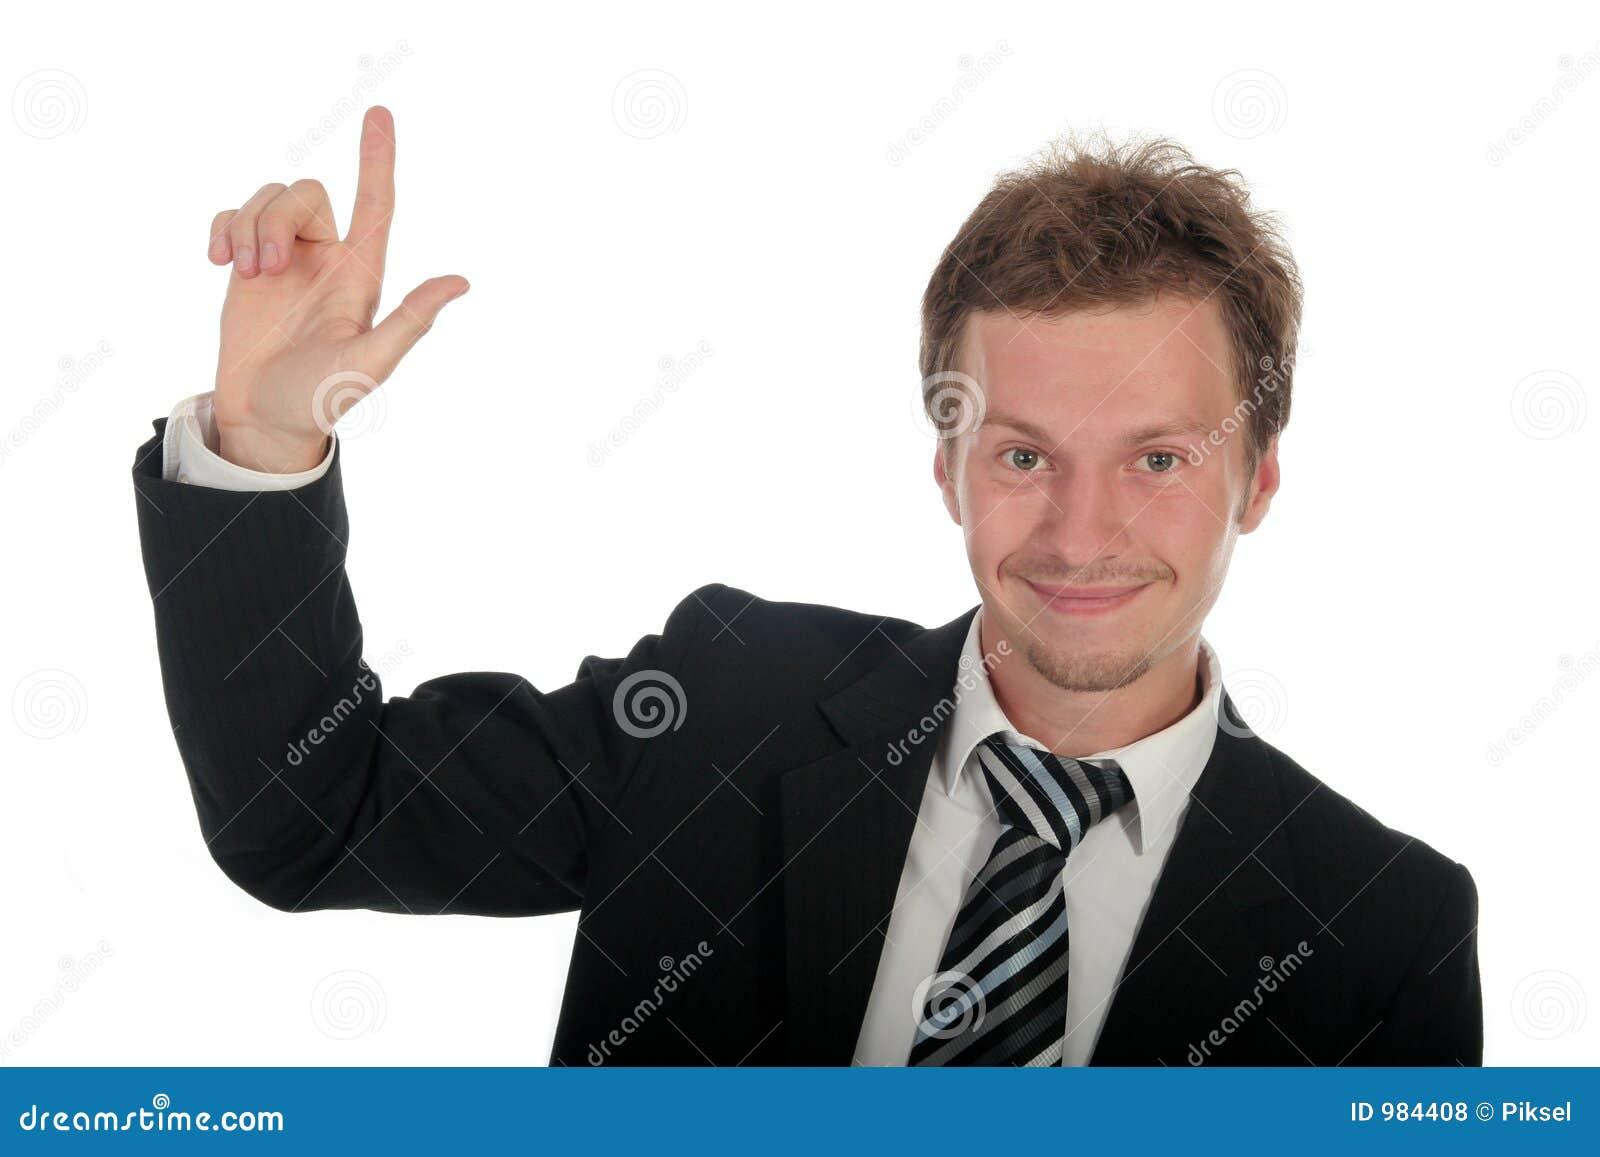 businessman-finger-pointing-up-984408.jp